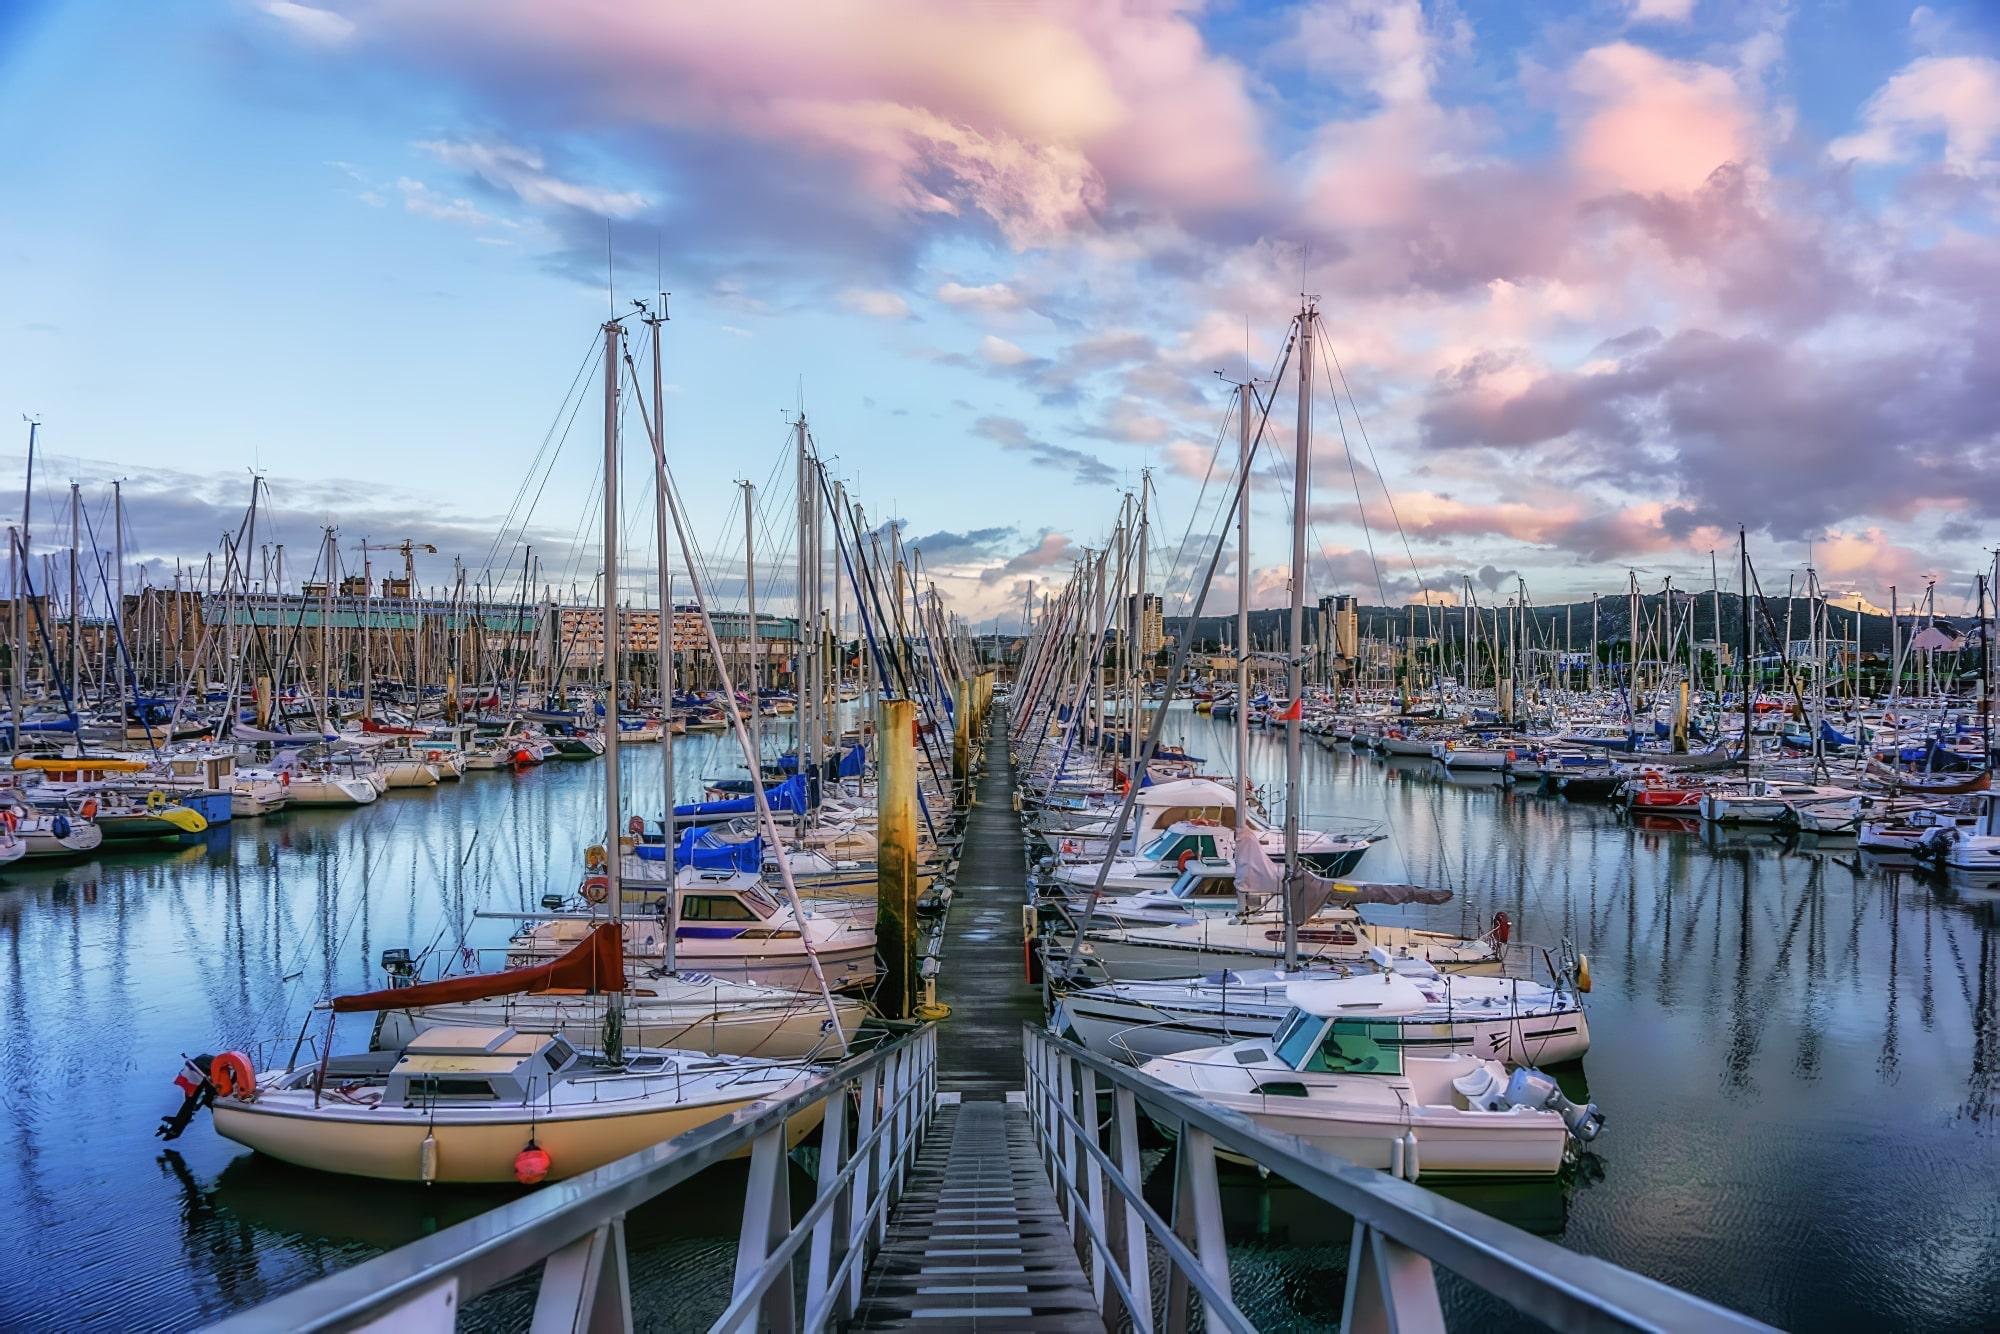 Vue nocturne de la jetée aux yachts dans la ville portuaire agréable de Cherbourg-Oktervill (Cherbourg) au nord-ouest de la France.